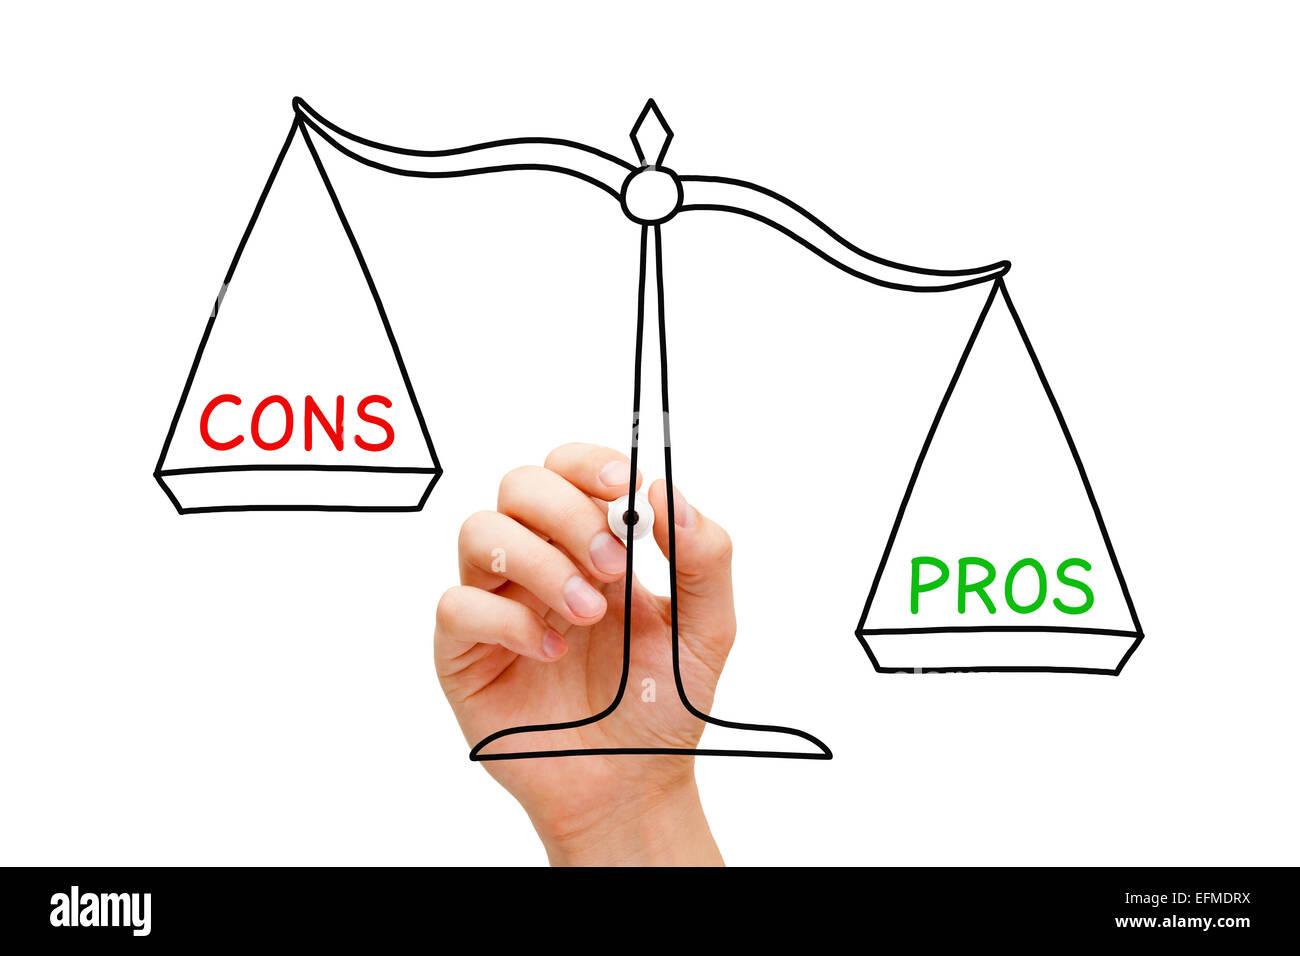 Disegno a mano i pro e i contro il concetto di scala con il marcatore sulla cancellazione trasparente bordo isolato Immagini Stock